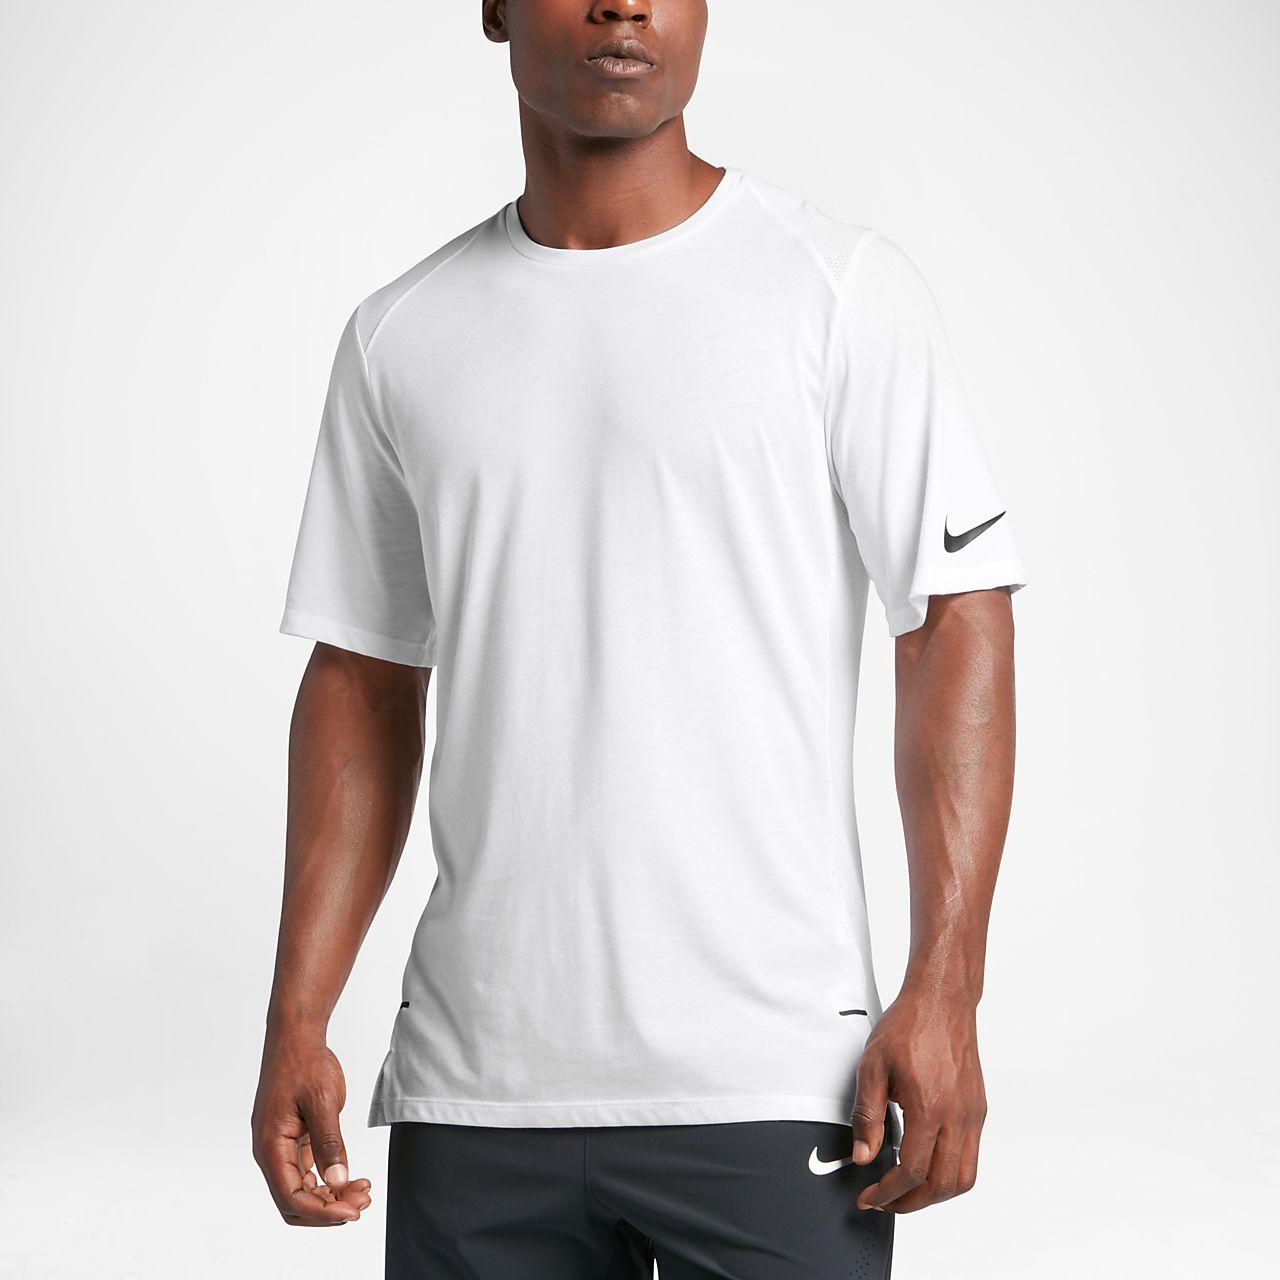 Nike Elite Men's Short Sleeve Basketball Top White/Black